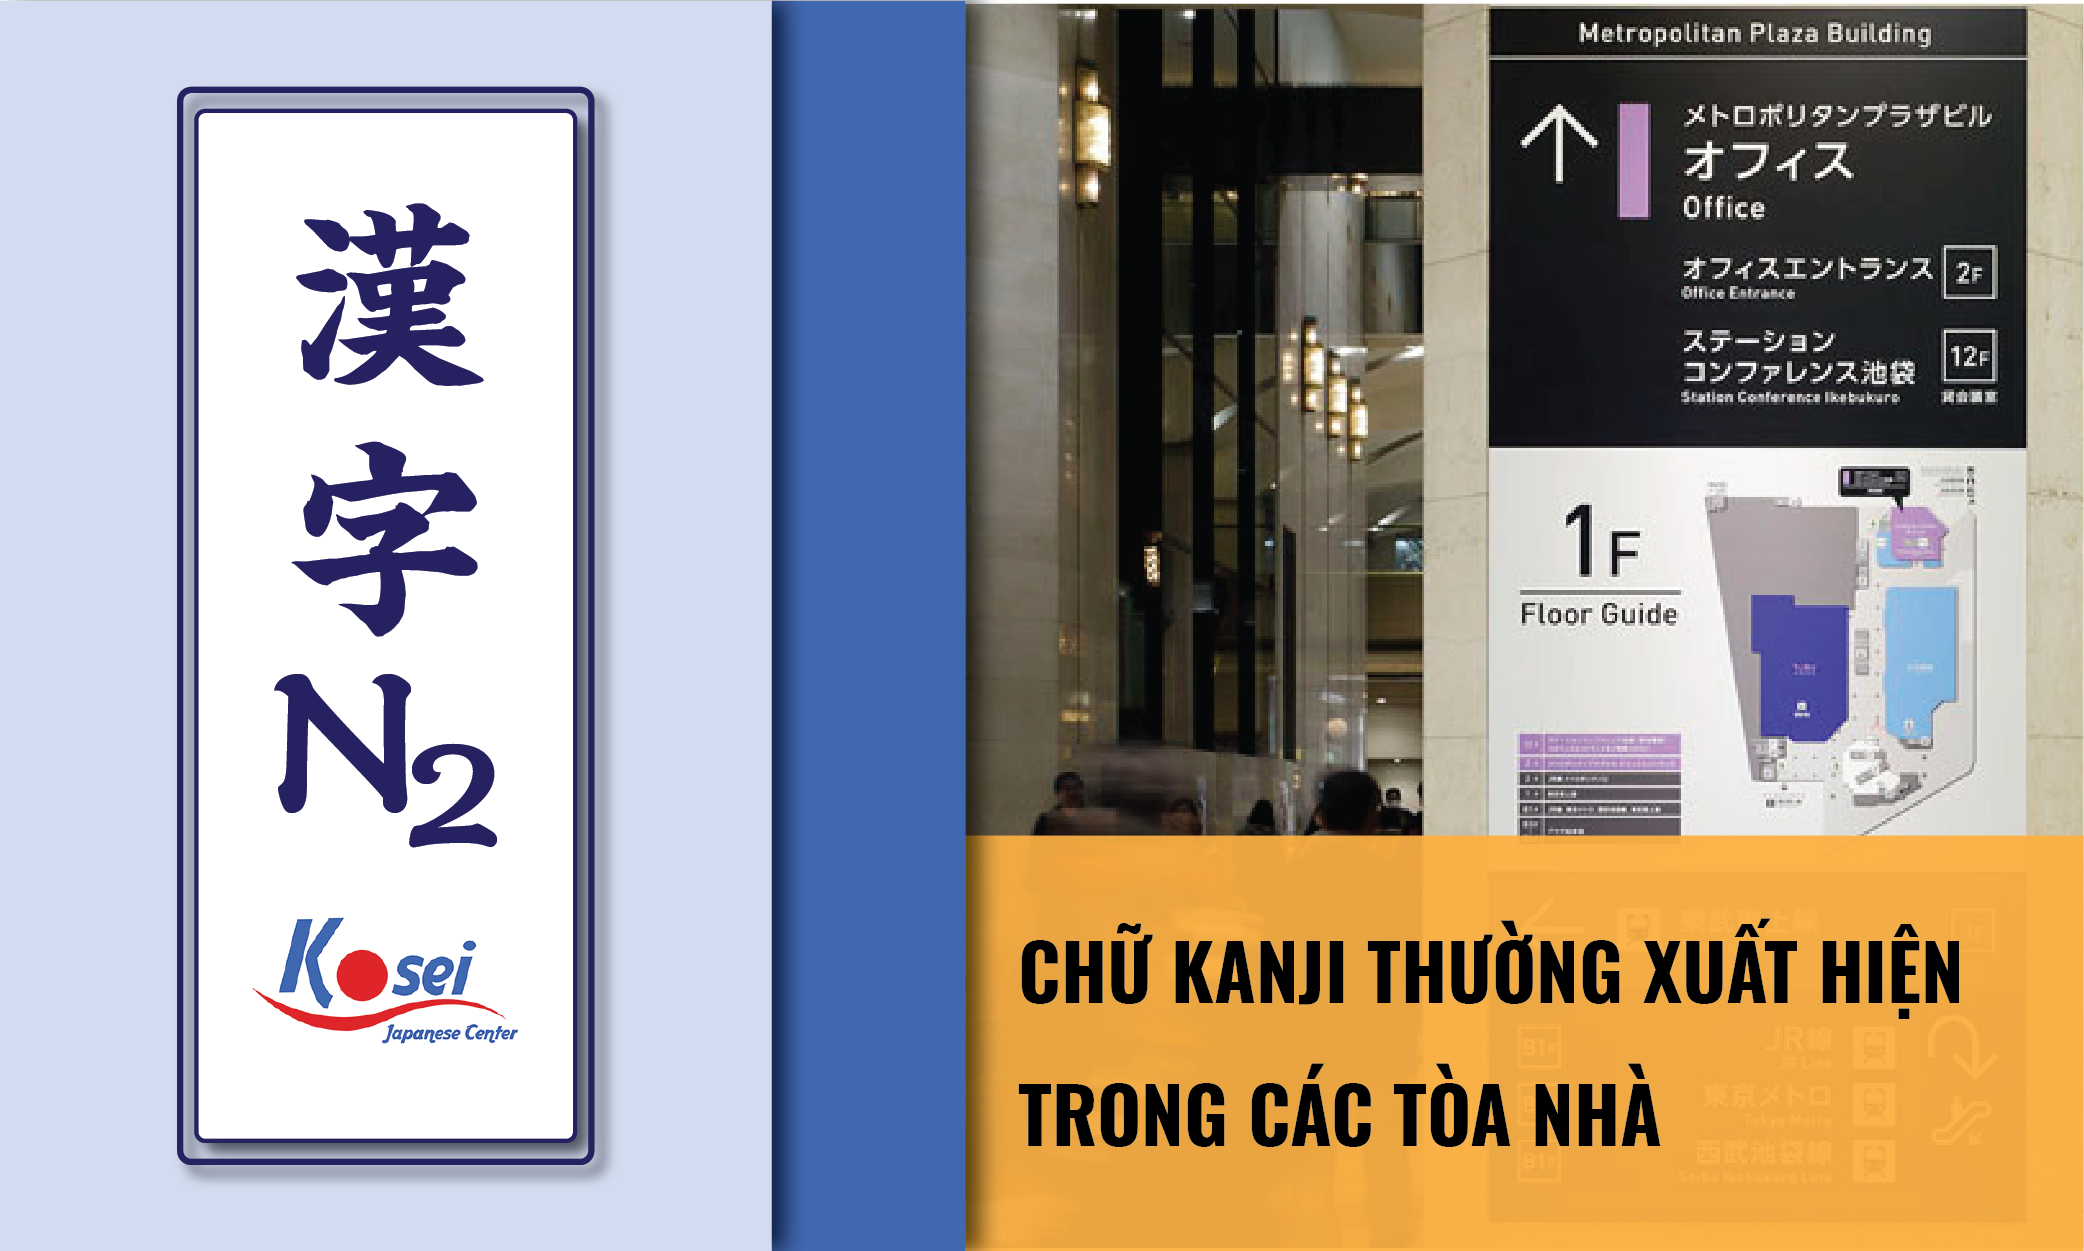 các kanji n2 thường xuất hiện trên các tòa nhà